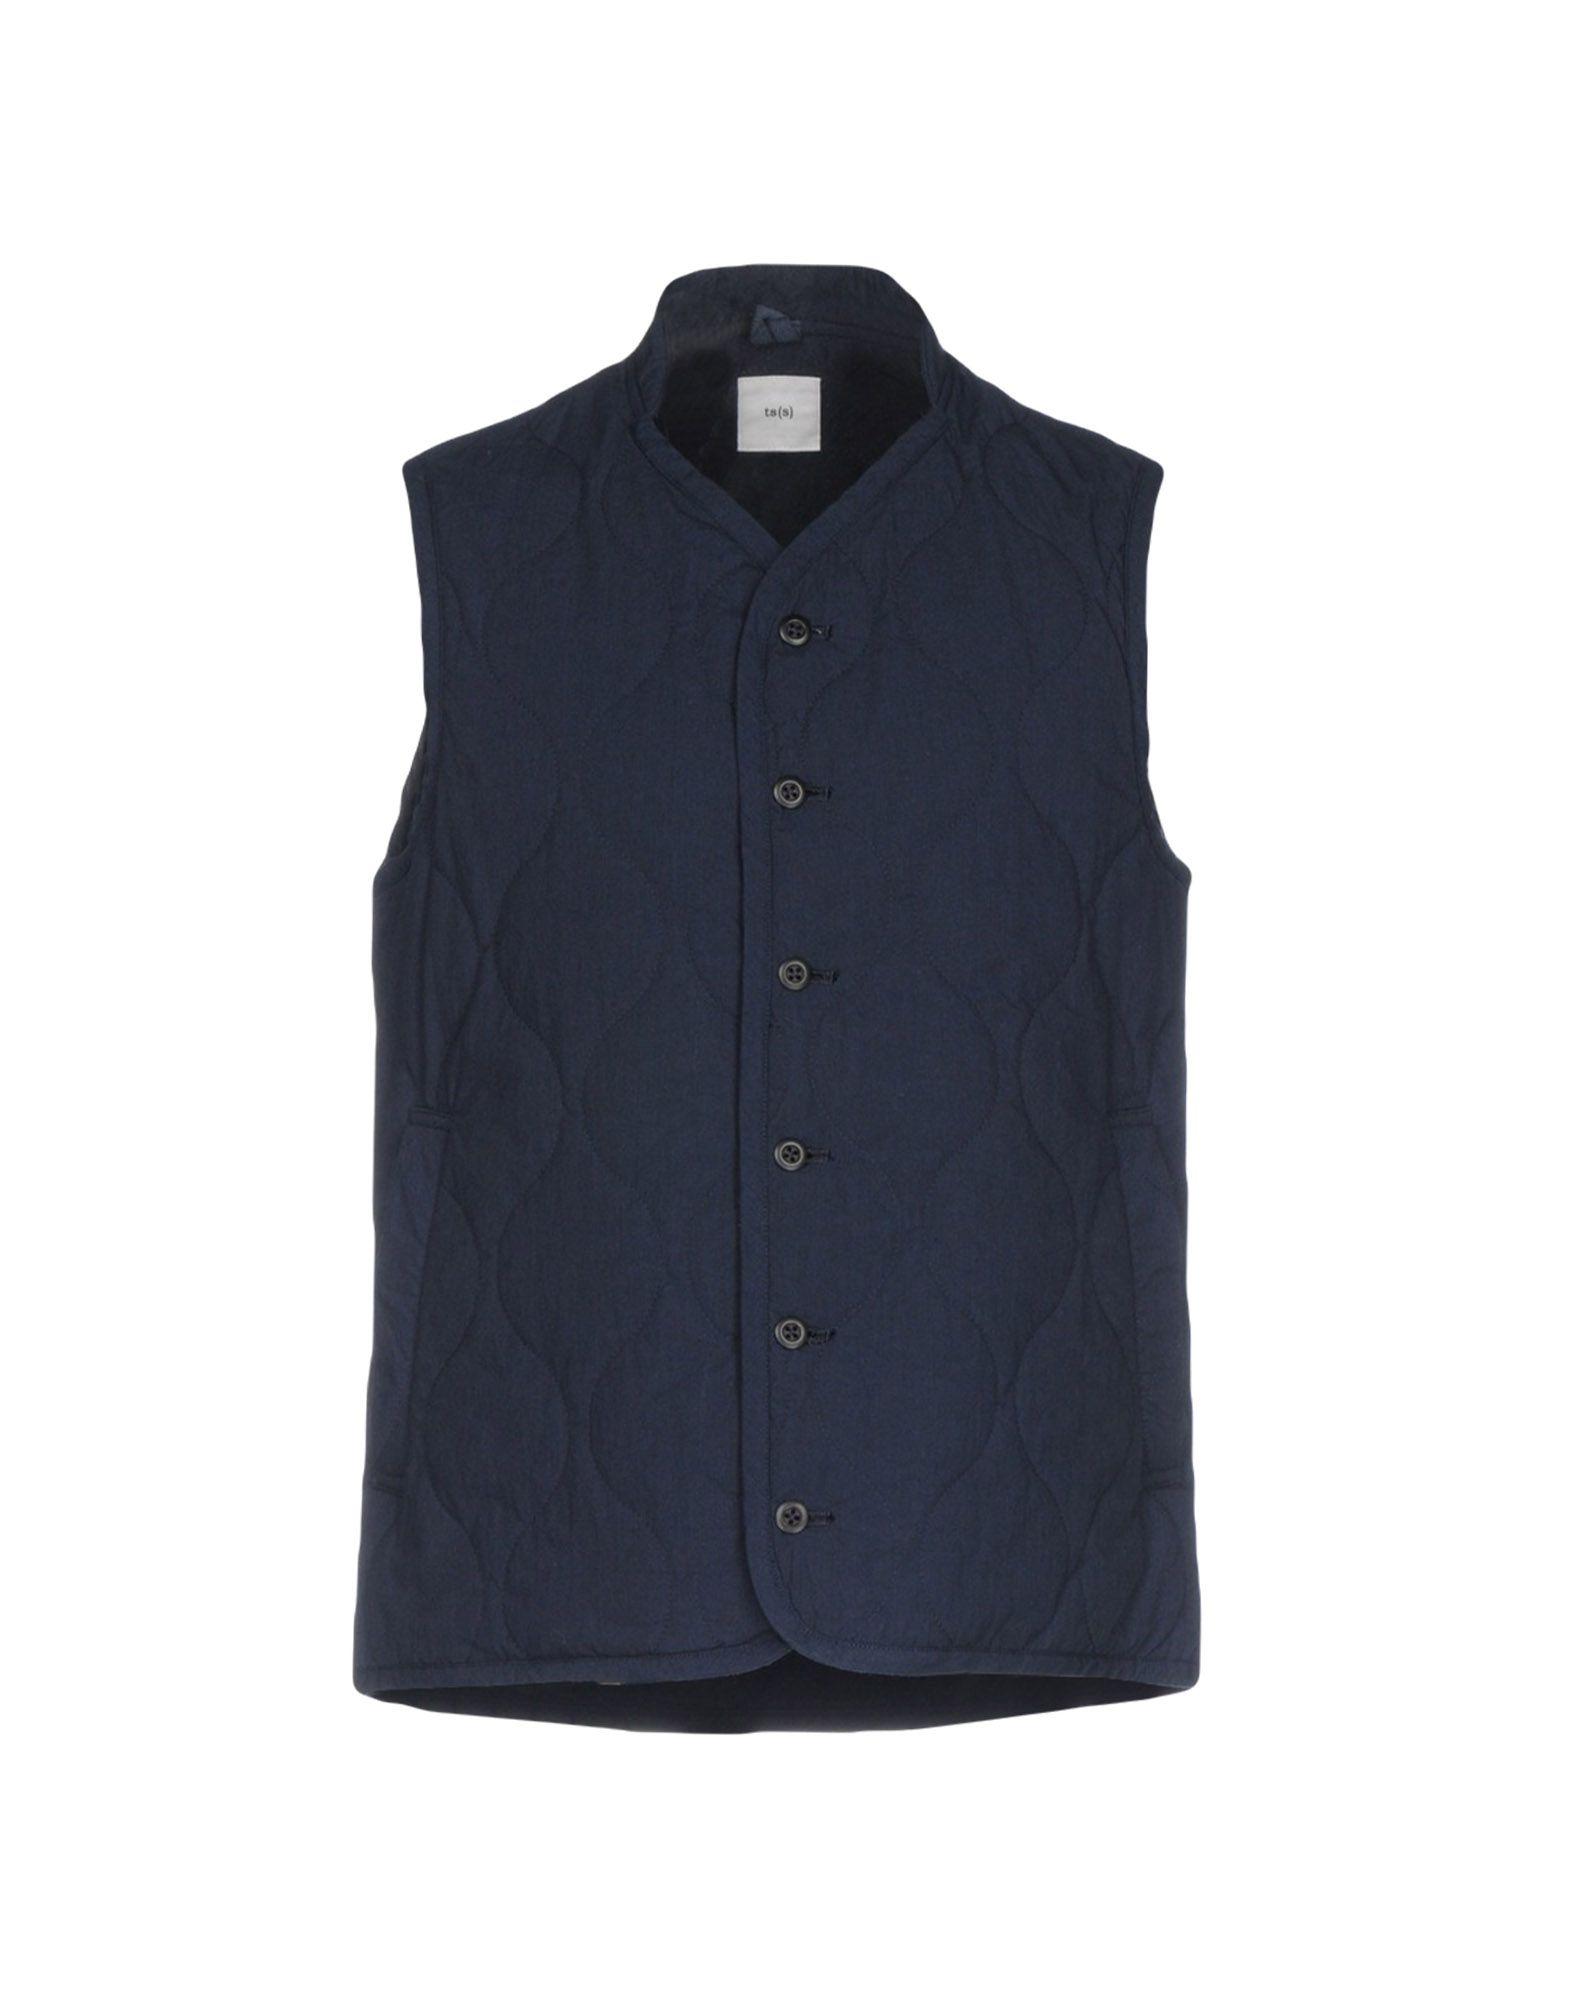 TSS Jacket in Dark Blue